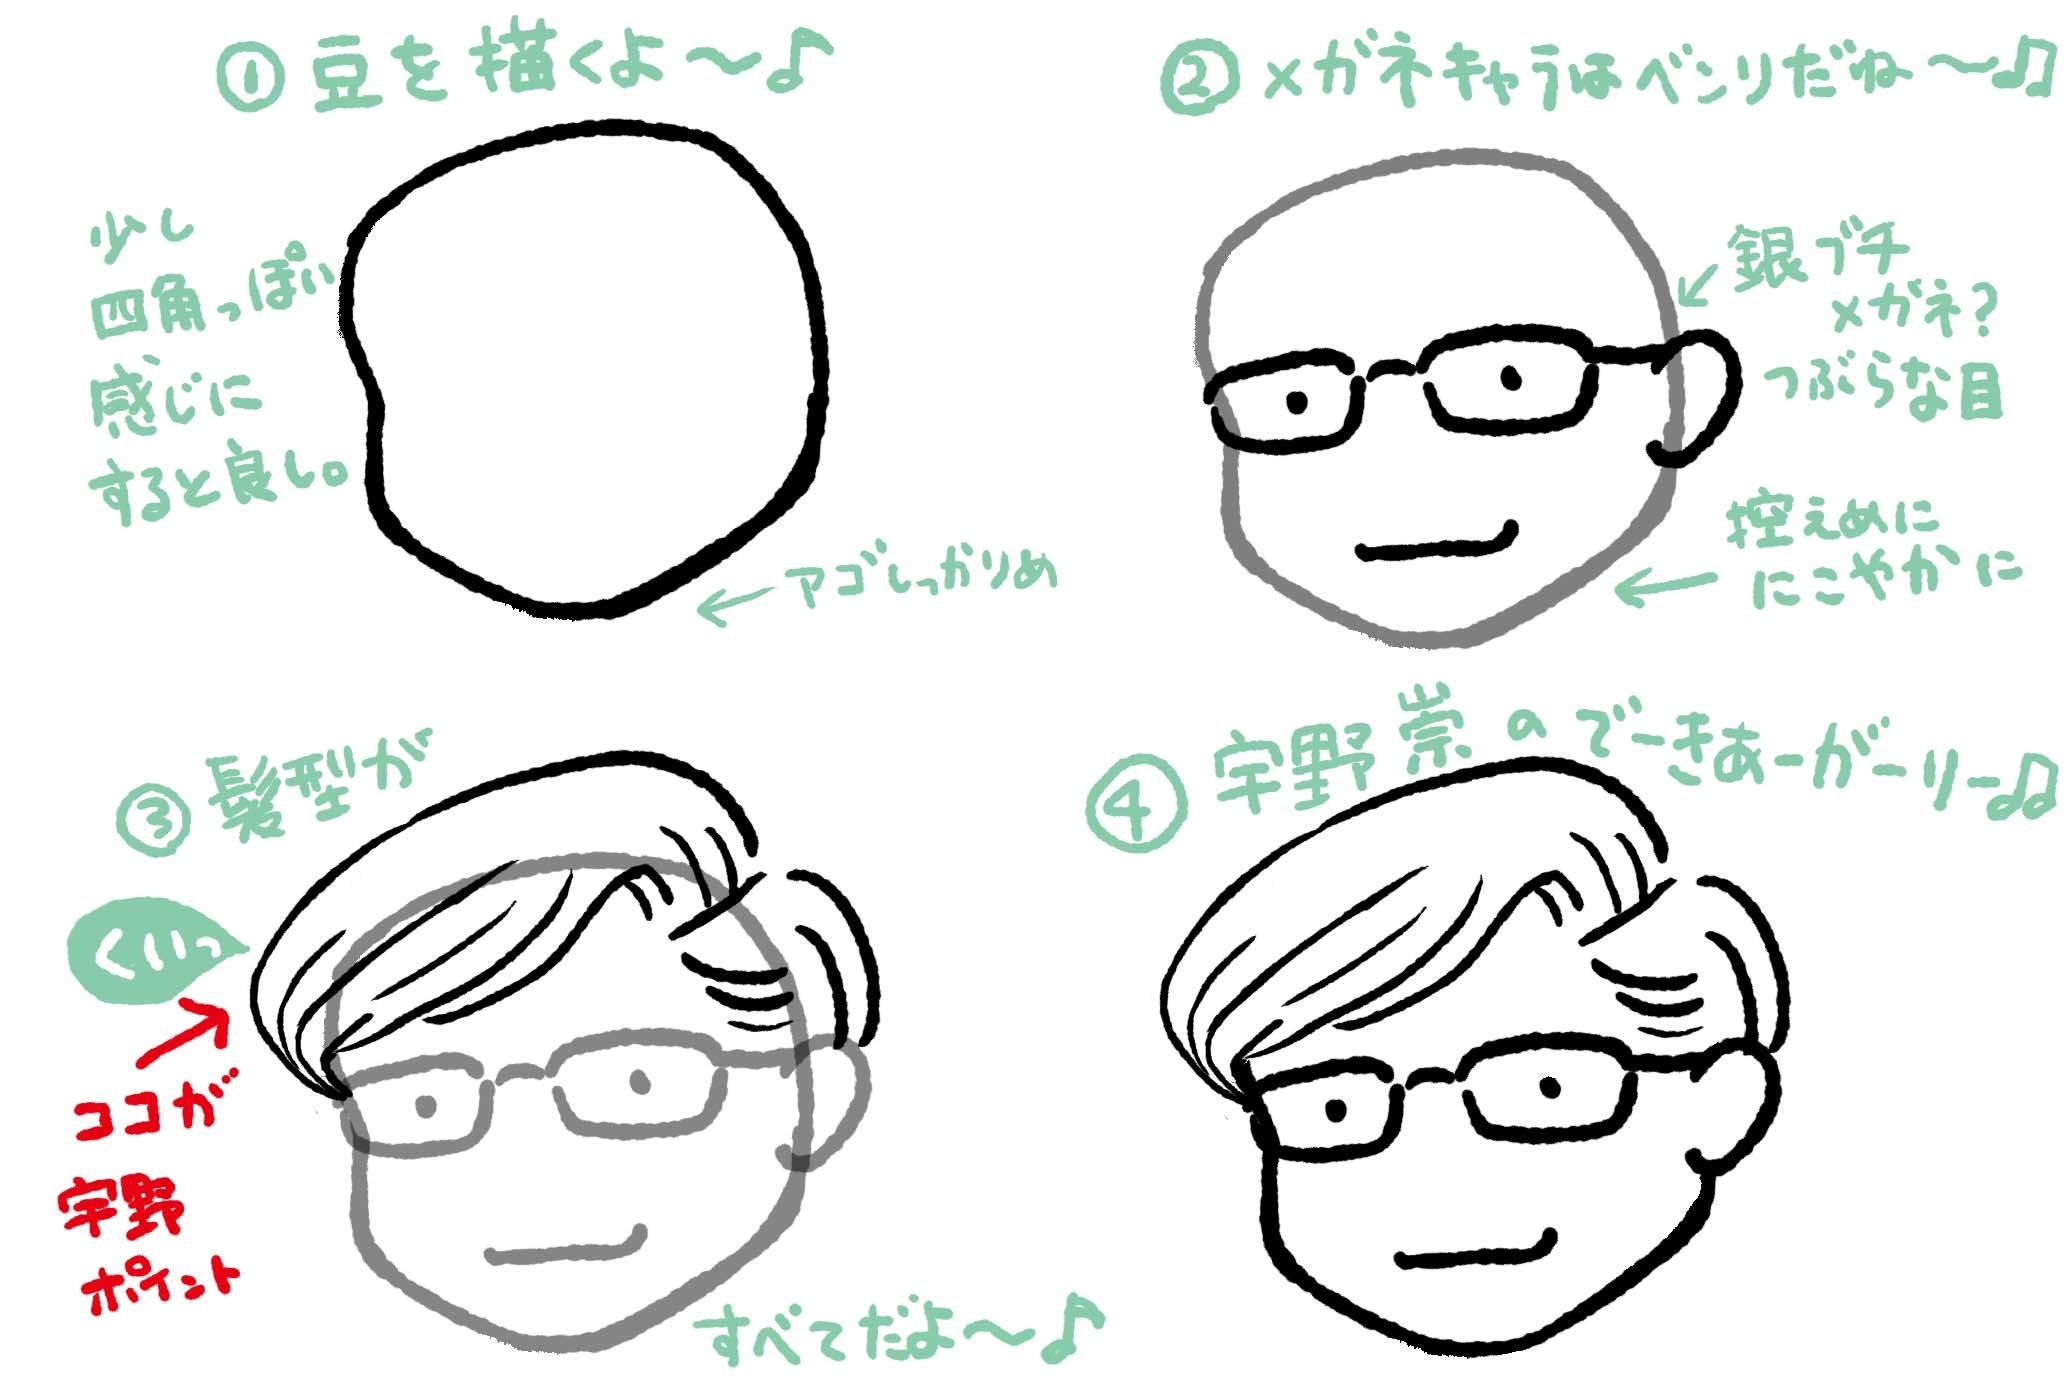 宇野さんの描き方